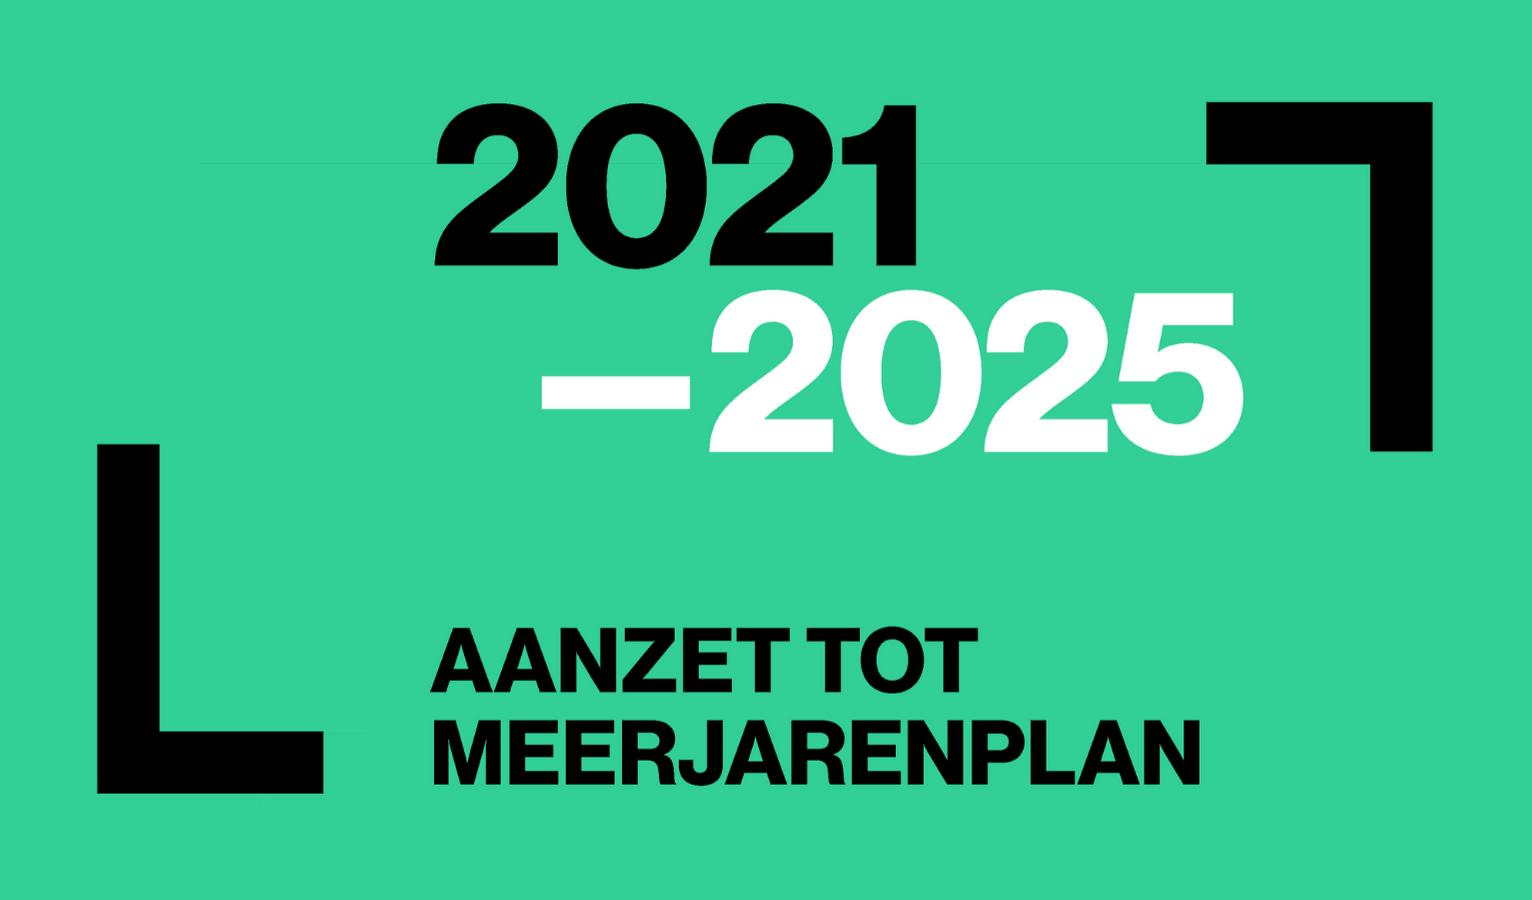 Aanzet meerjarenplan 2021-2025